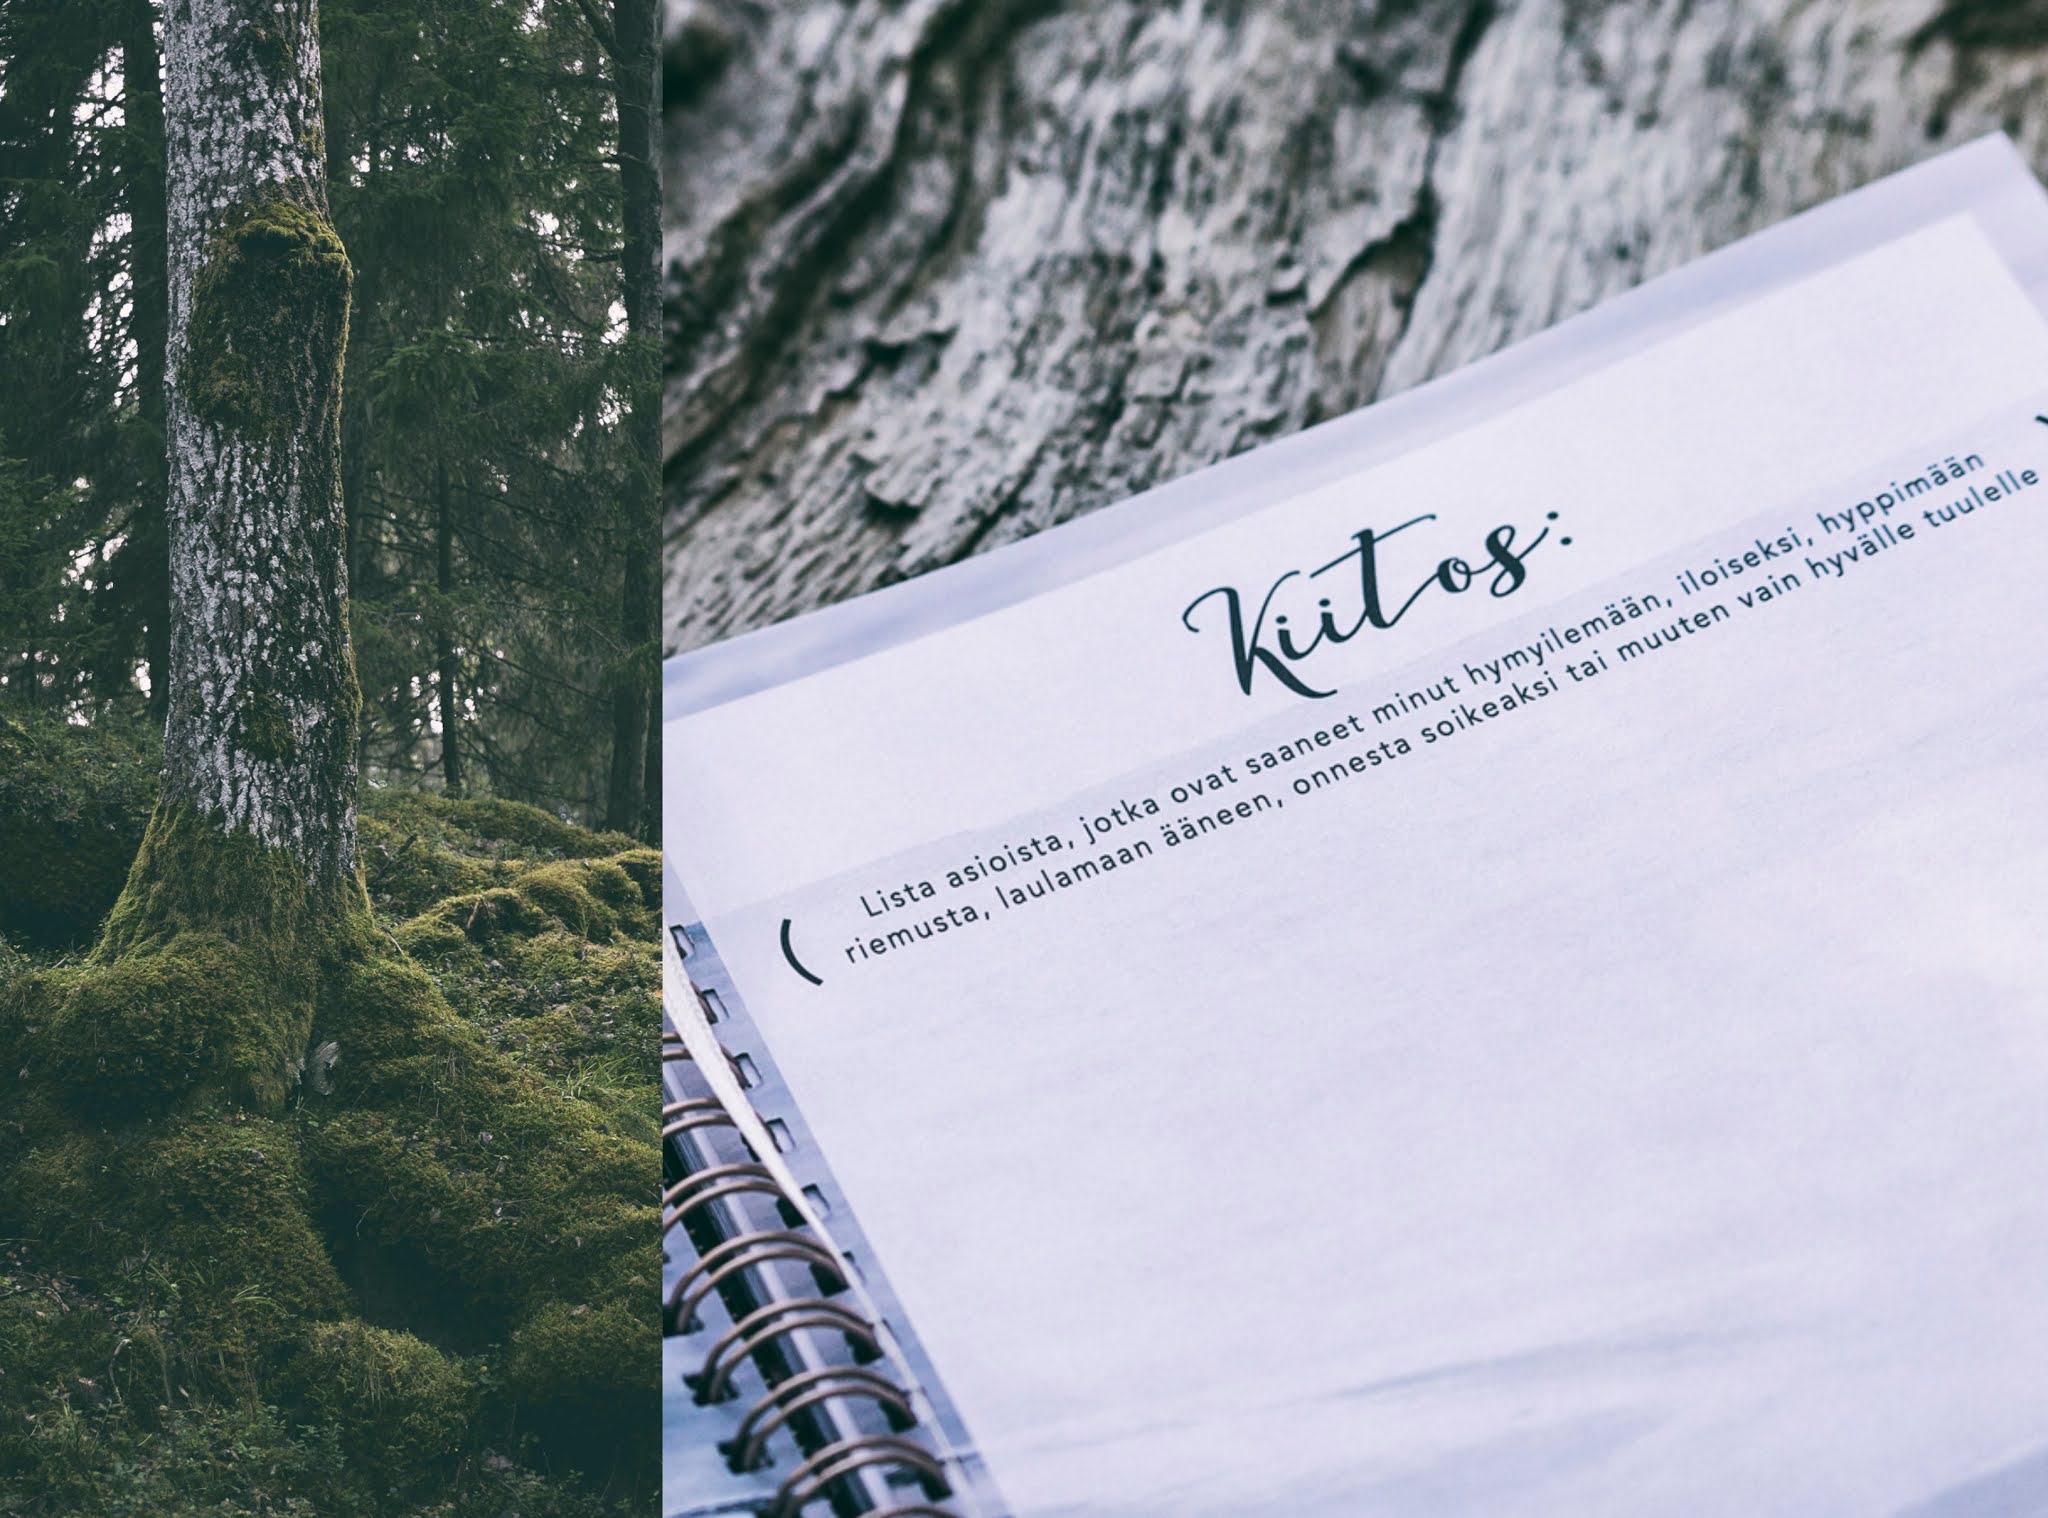 Hyvä Vuosi-kalenteri Hyvä Vuosi 2021, almanakka, kalenteri, hyvän mielen kalenteri, kuvakalenteri, mietelausekalenteri, kiitollisuuspäiväkirja, elämänohje, Visualaddictfrida, bloggari, valokuvaaja, Frida Steiner, Photographer, blogi, visualaddict,